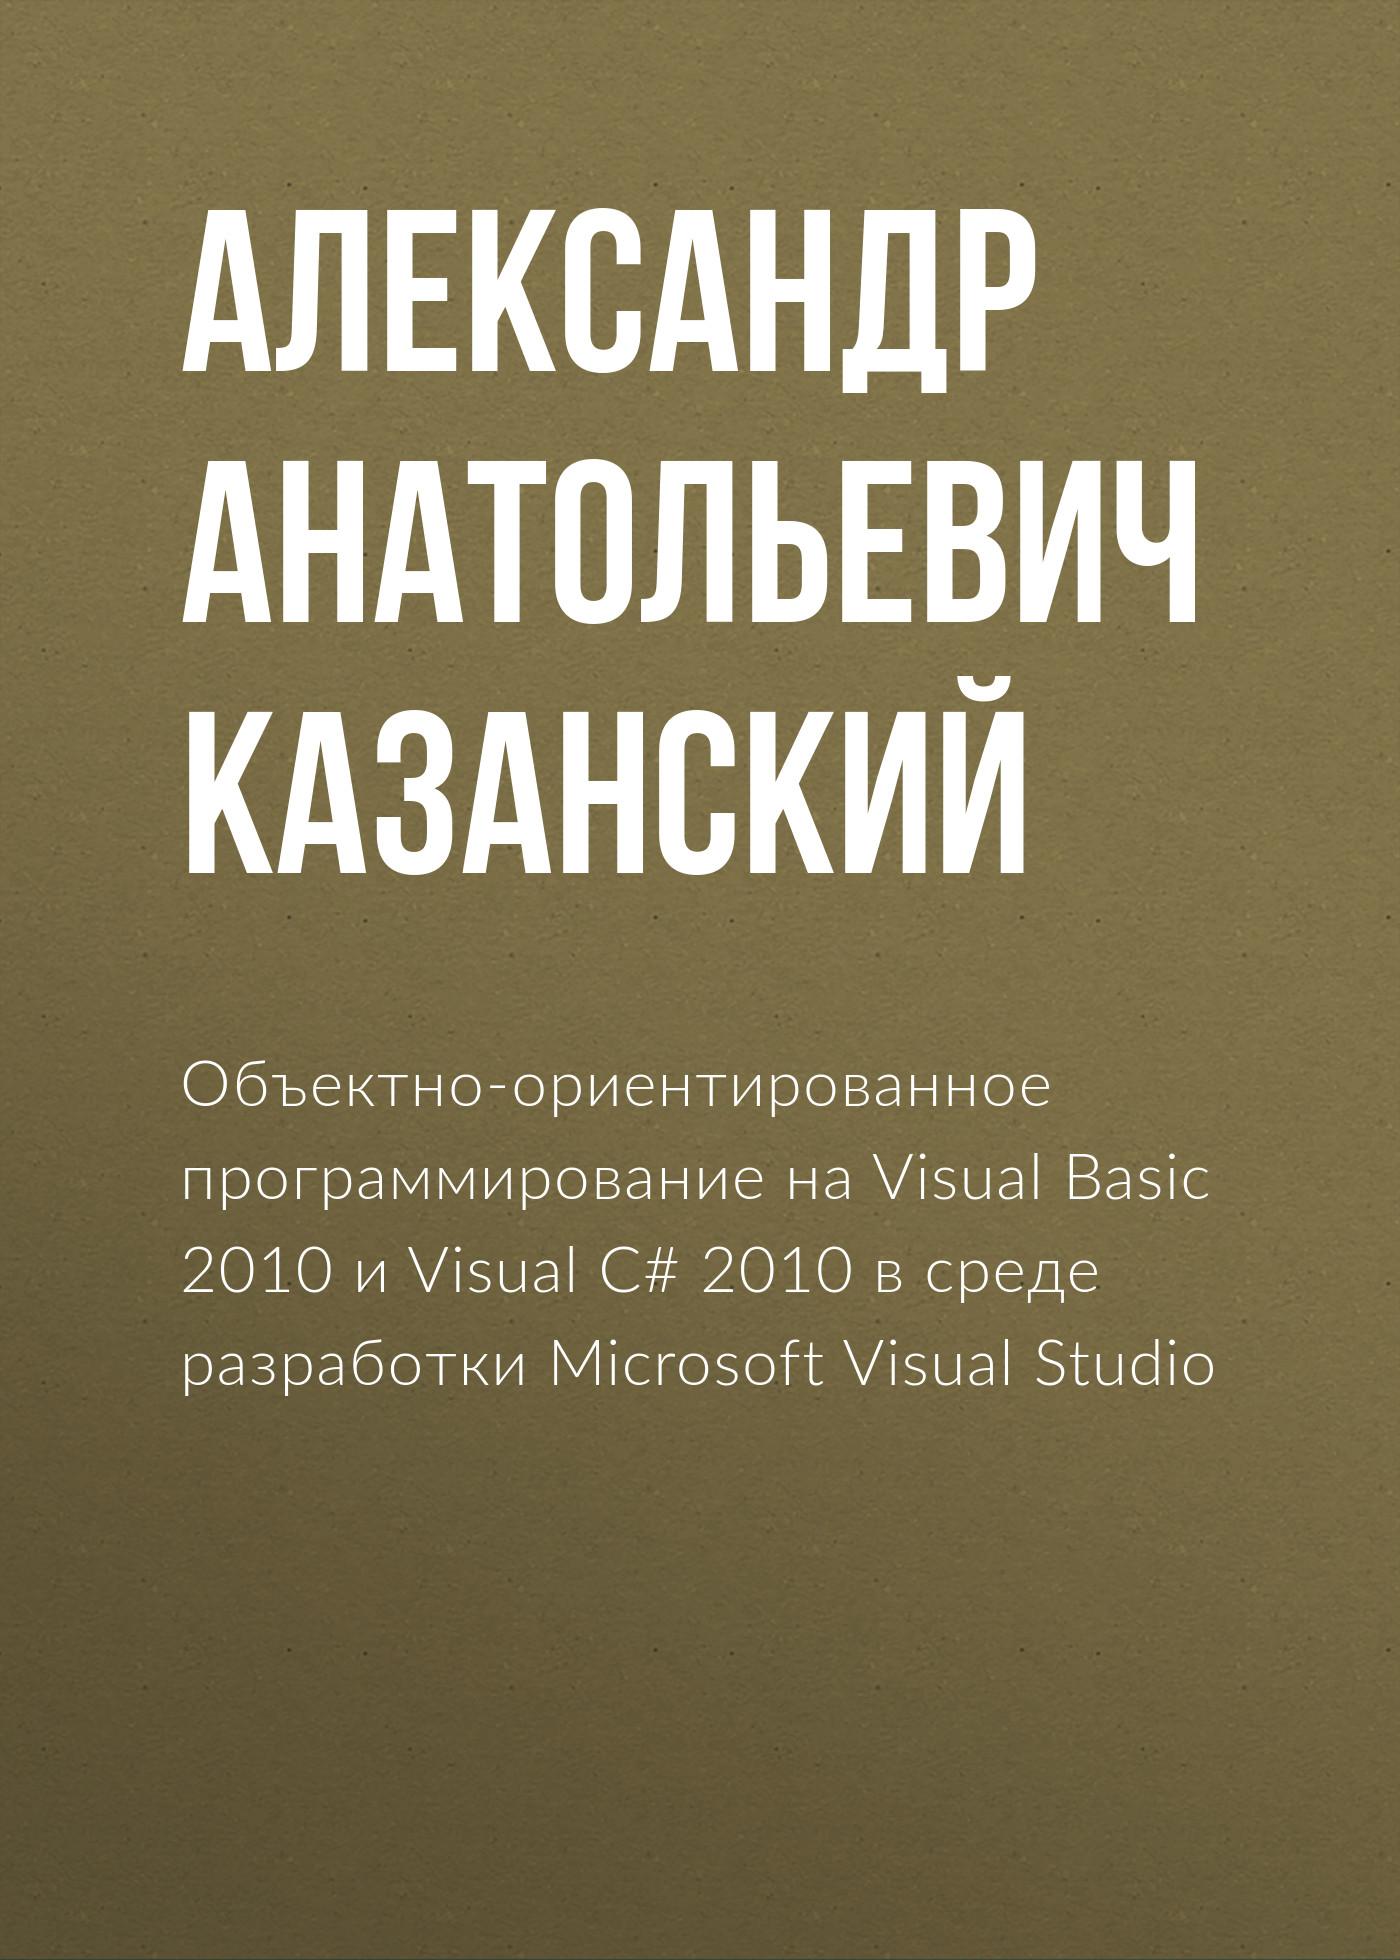 Александр Анатольевич Казанский Объектно-ориентированное программирование на Visual Basic 2010 и Visual C# 2010 в среде разработки Microsoft Visual Studio а а казанский объектно ориентированный анализ и программирование на visual basic 2013 учебник